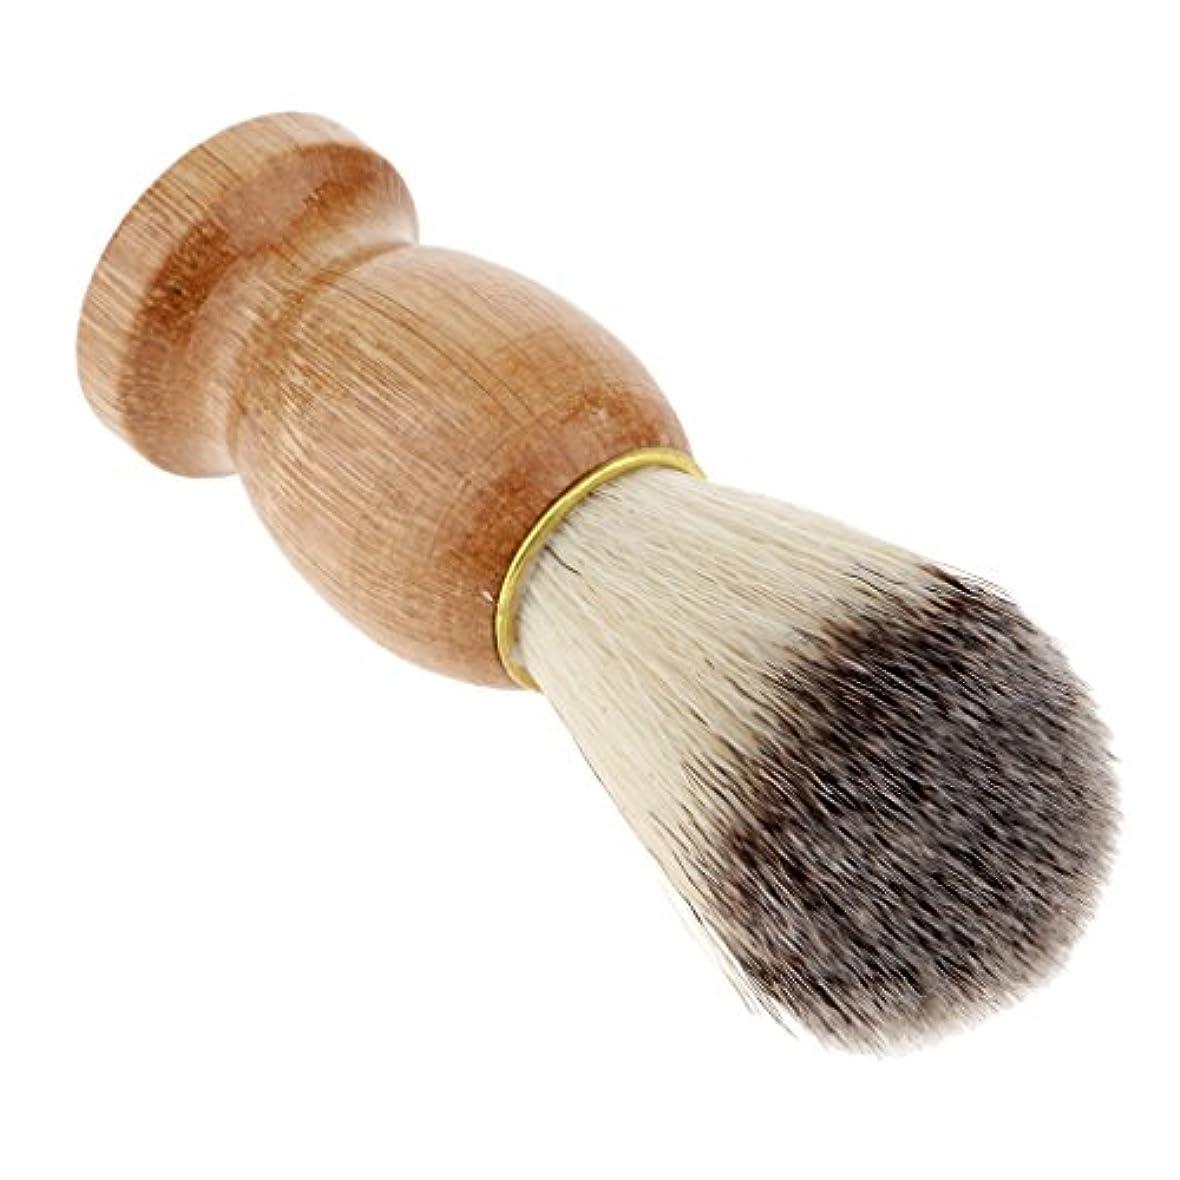 オゾンもの極小人のための専門の木製の剃るブラシ、良質の木の剃毛用具